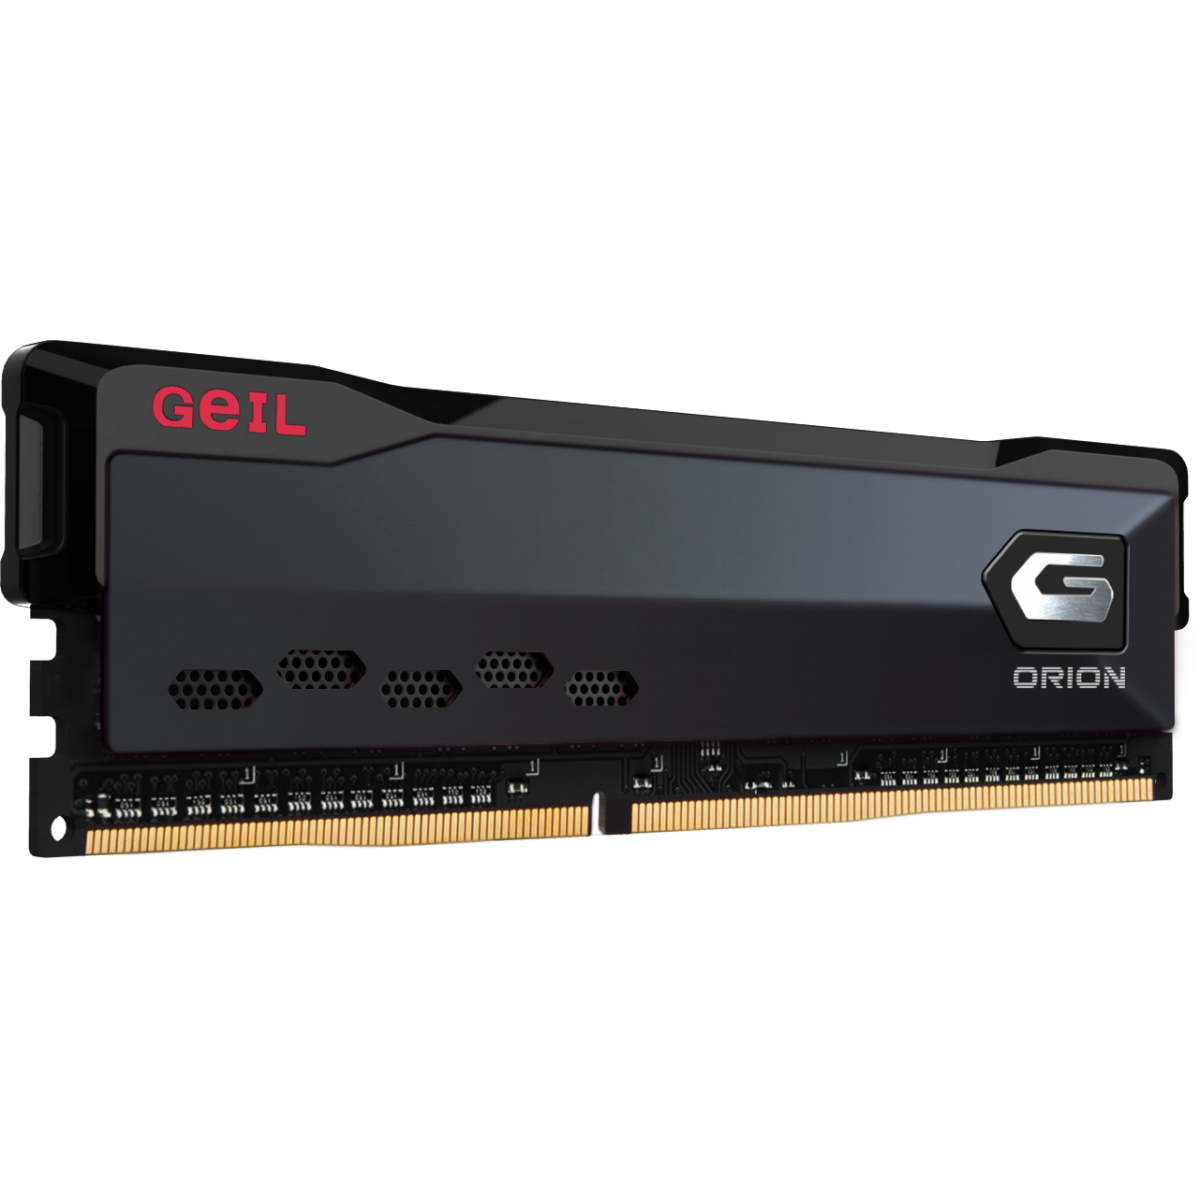 Memória DDR4 Geil Orion, 16GB, 3200MHz, Black, GAOG416GB3200C16BSC